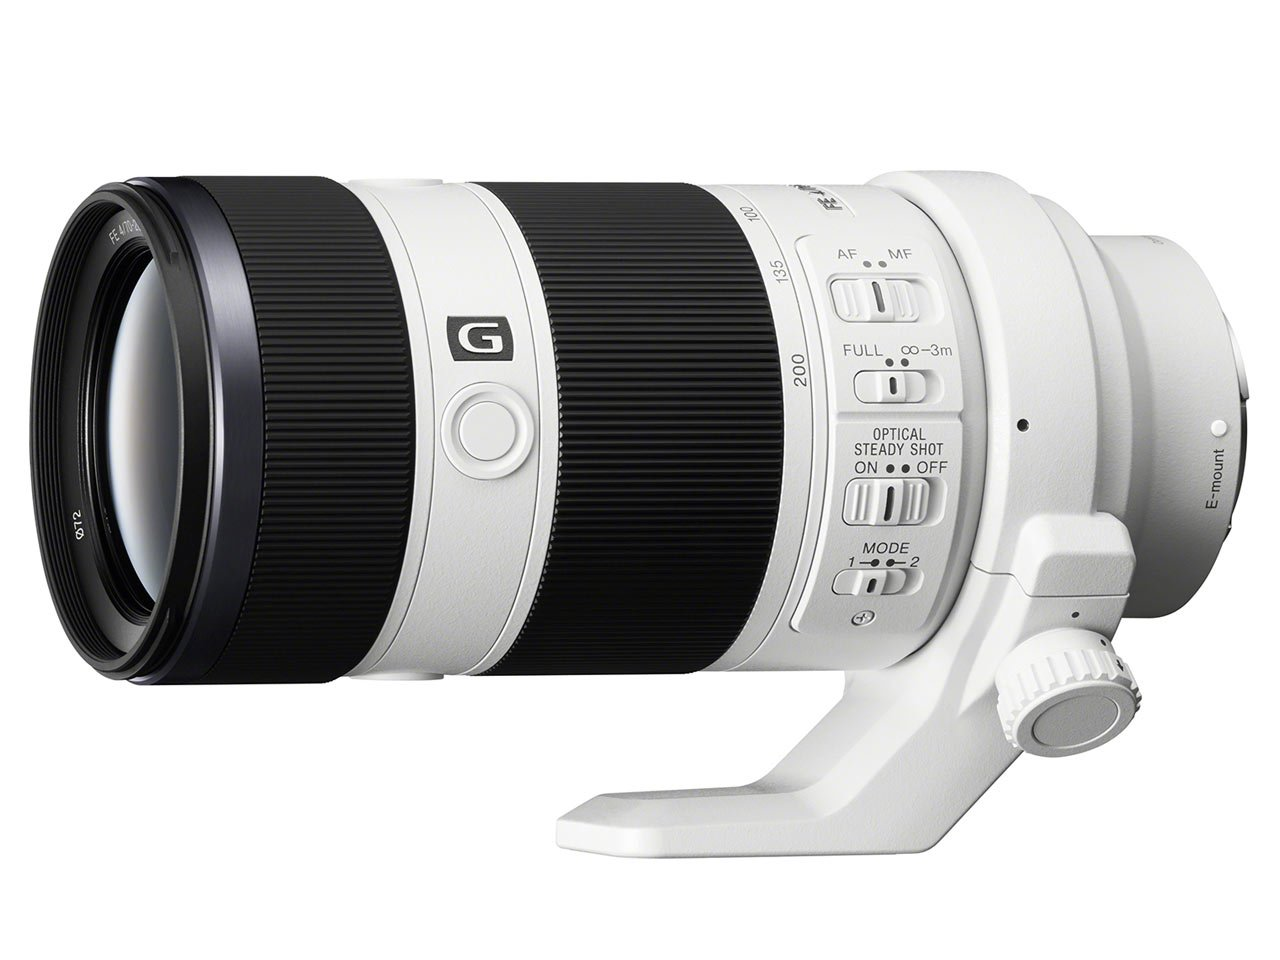 SONY FE 70-200 mm f/4 G OSS  pro bajonet E full frame